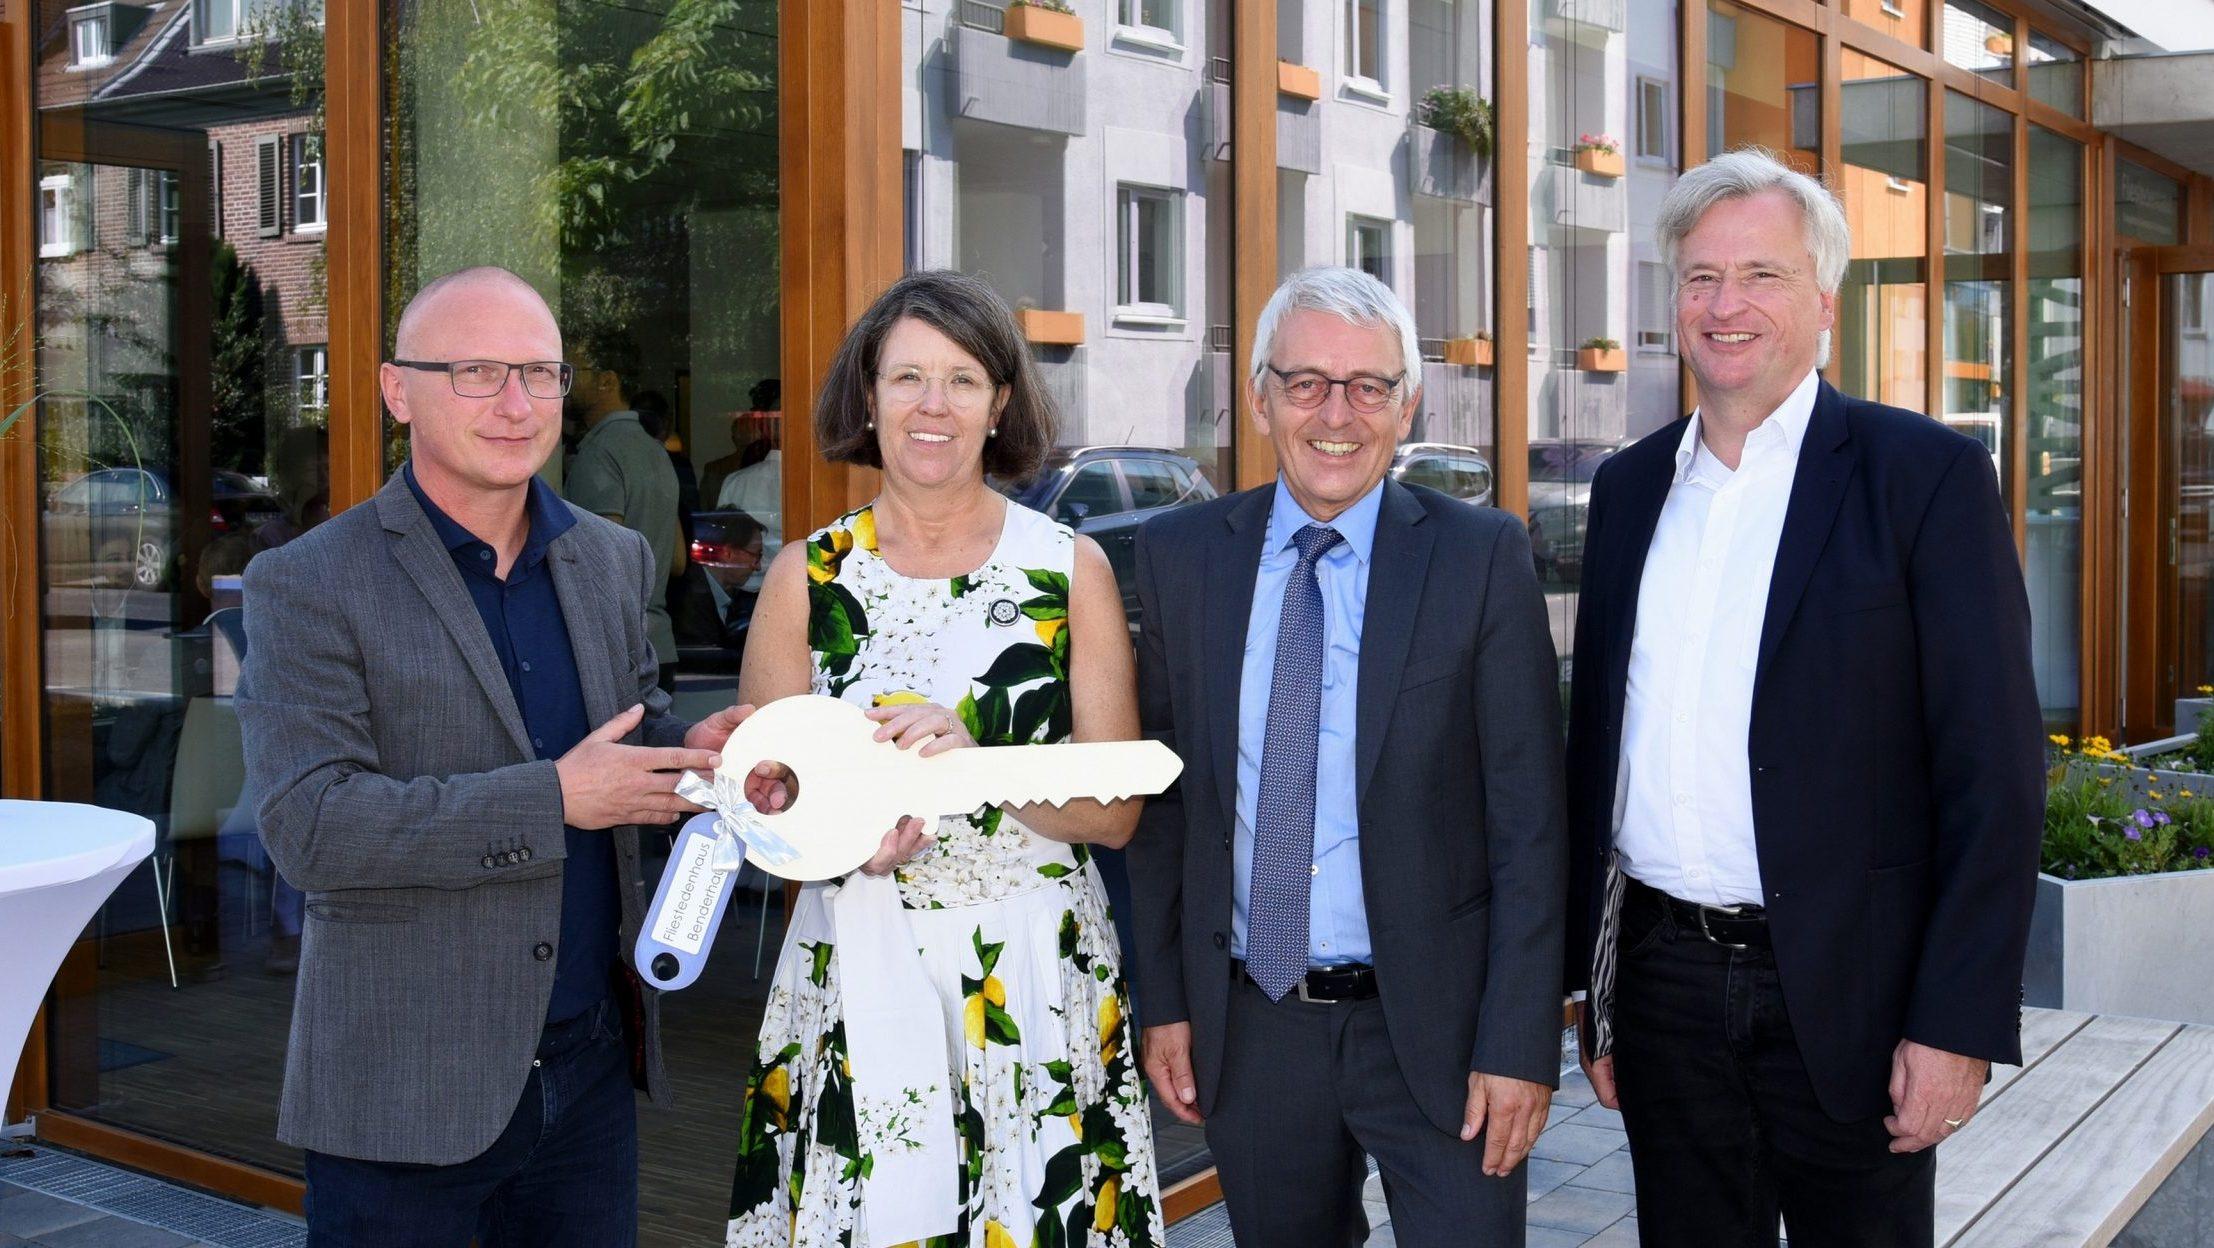 Evangelische Clarenbach-Kirchengemeinde Köln-Braunsfeld weiht neues Gemeindezentrum ein